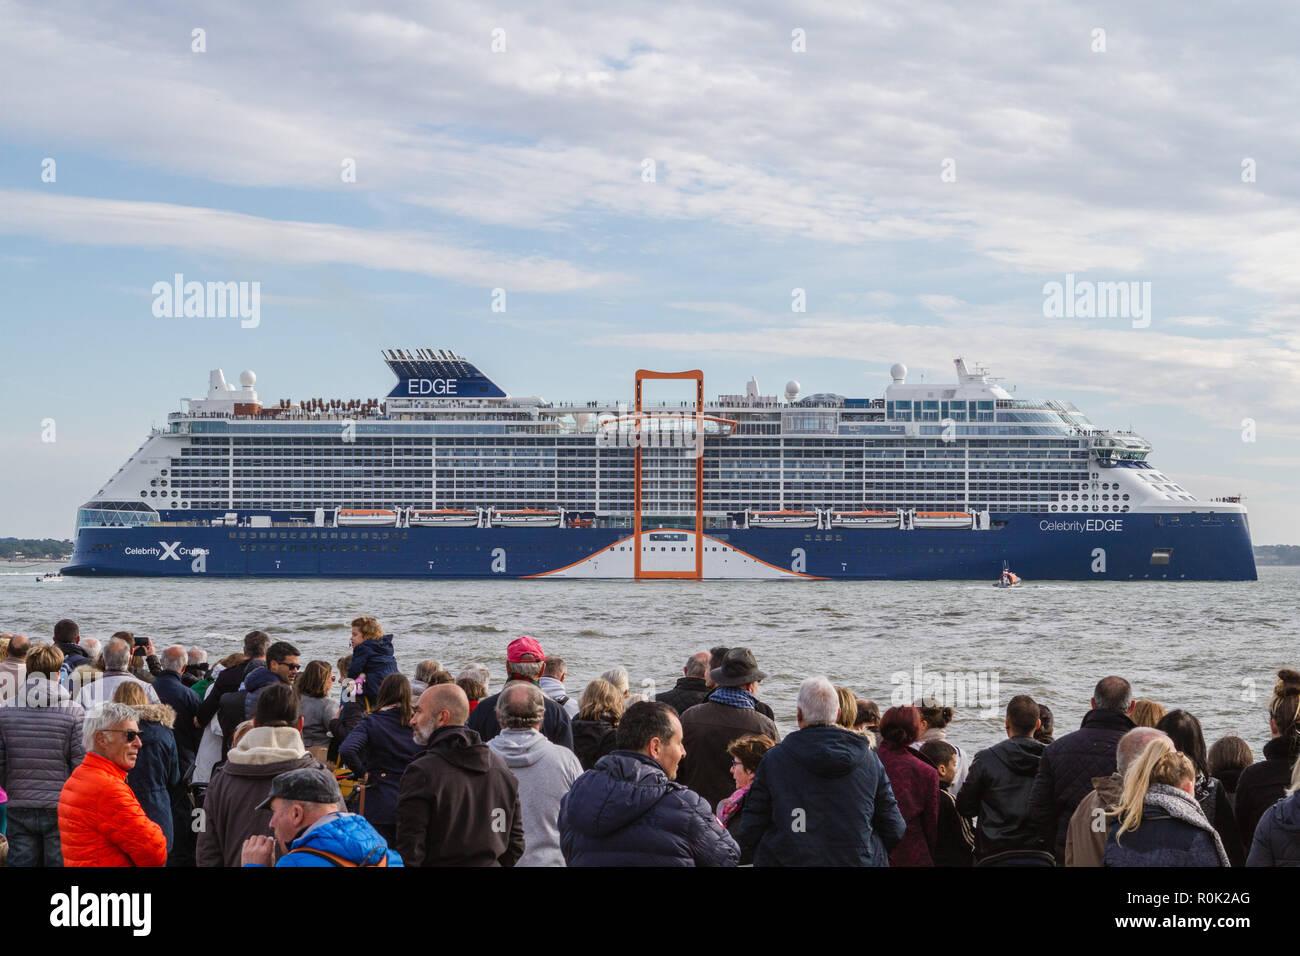 Le paquebot Celebrity Edge, un gigantesque navire de 300 mètres de long et 39 m de large construit par les Chantiers de l'Atlantique, a quitté Saint-N - Stock Image